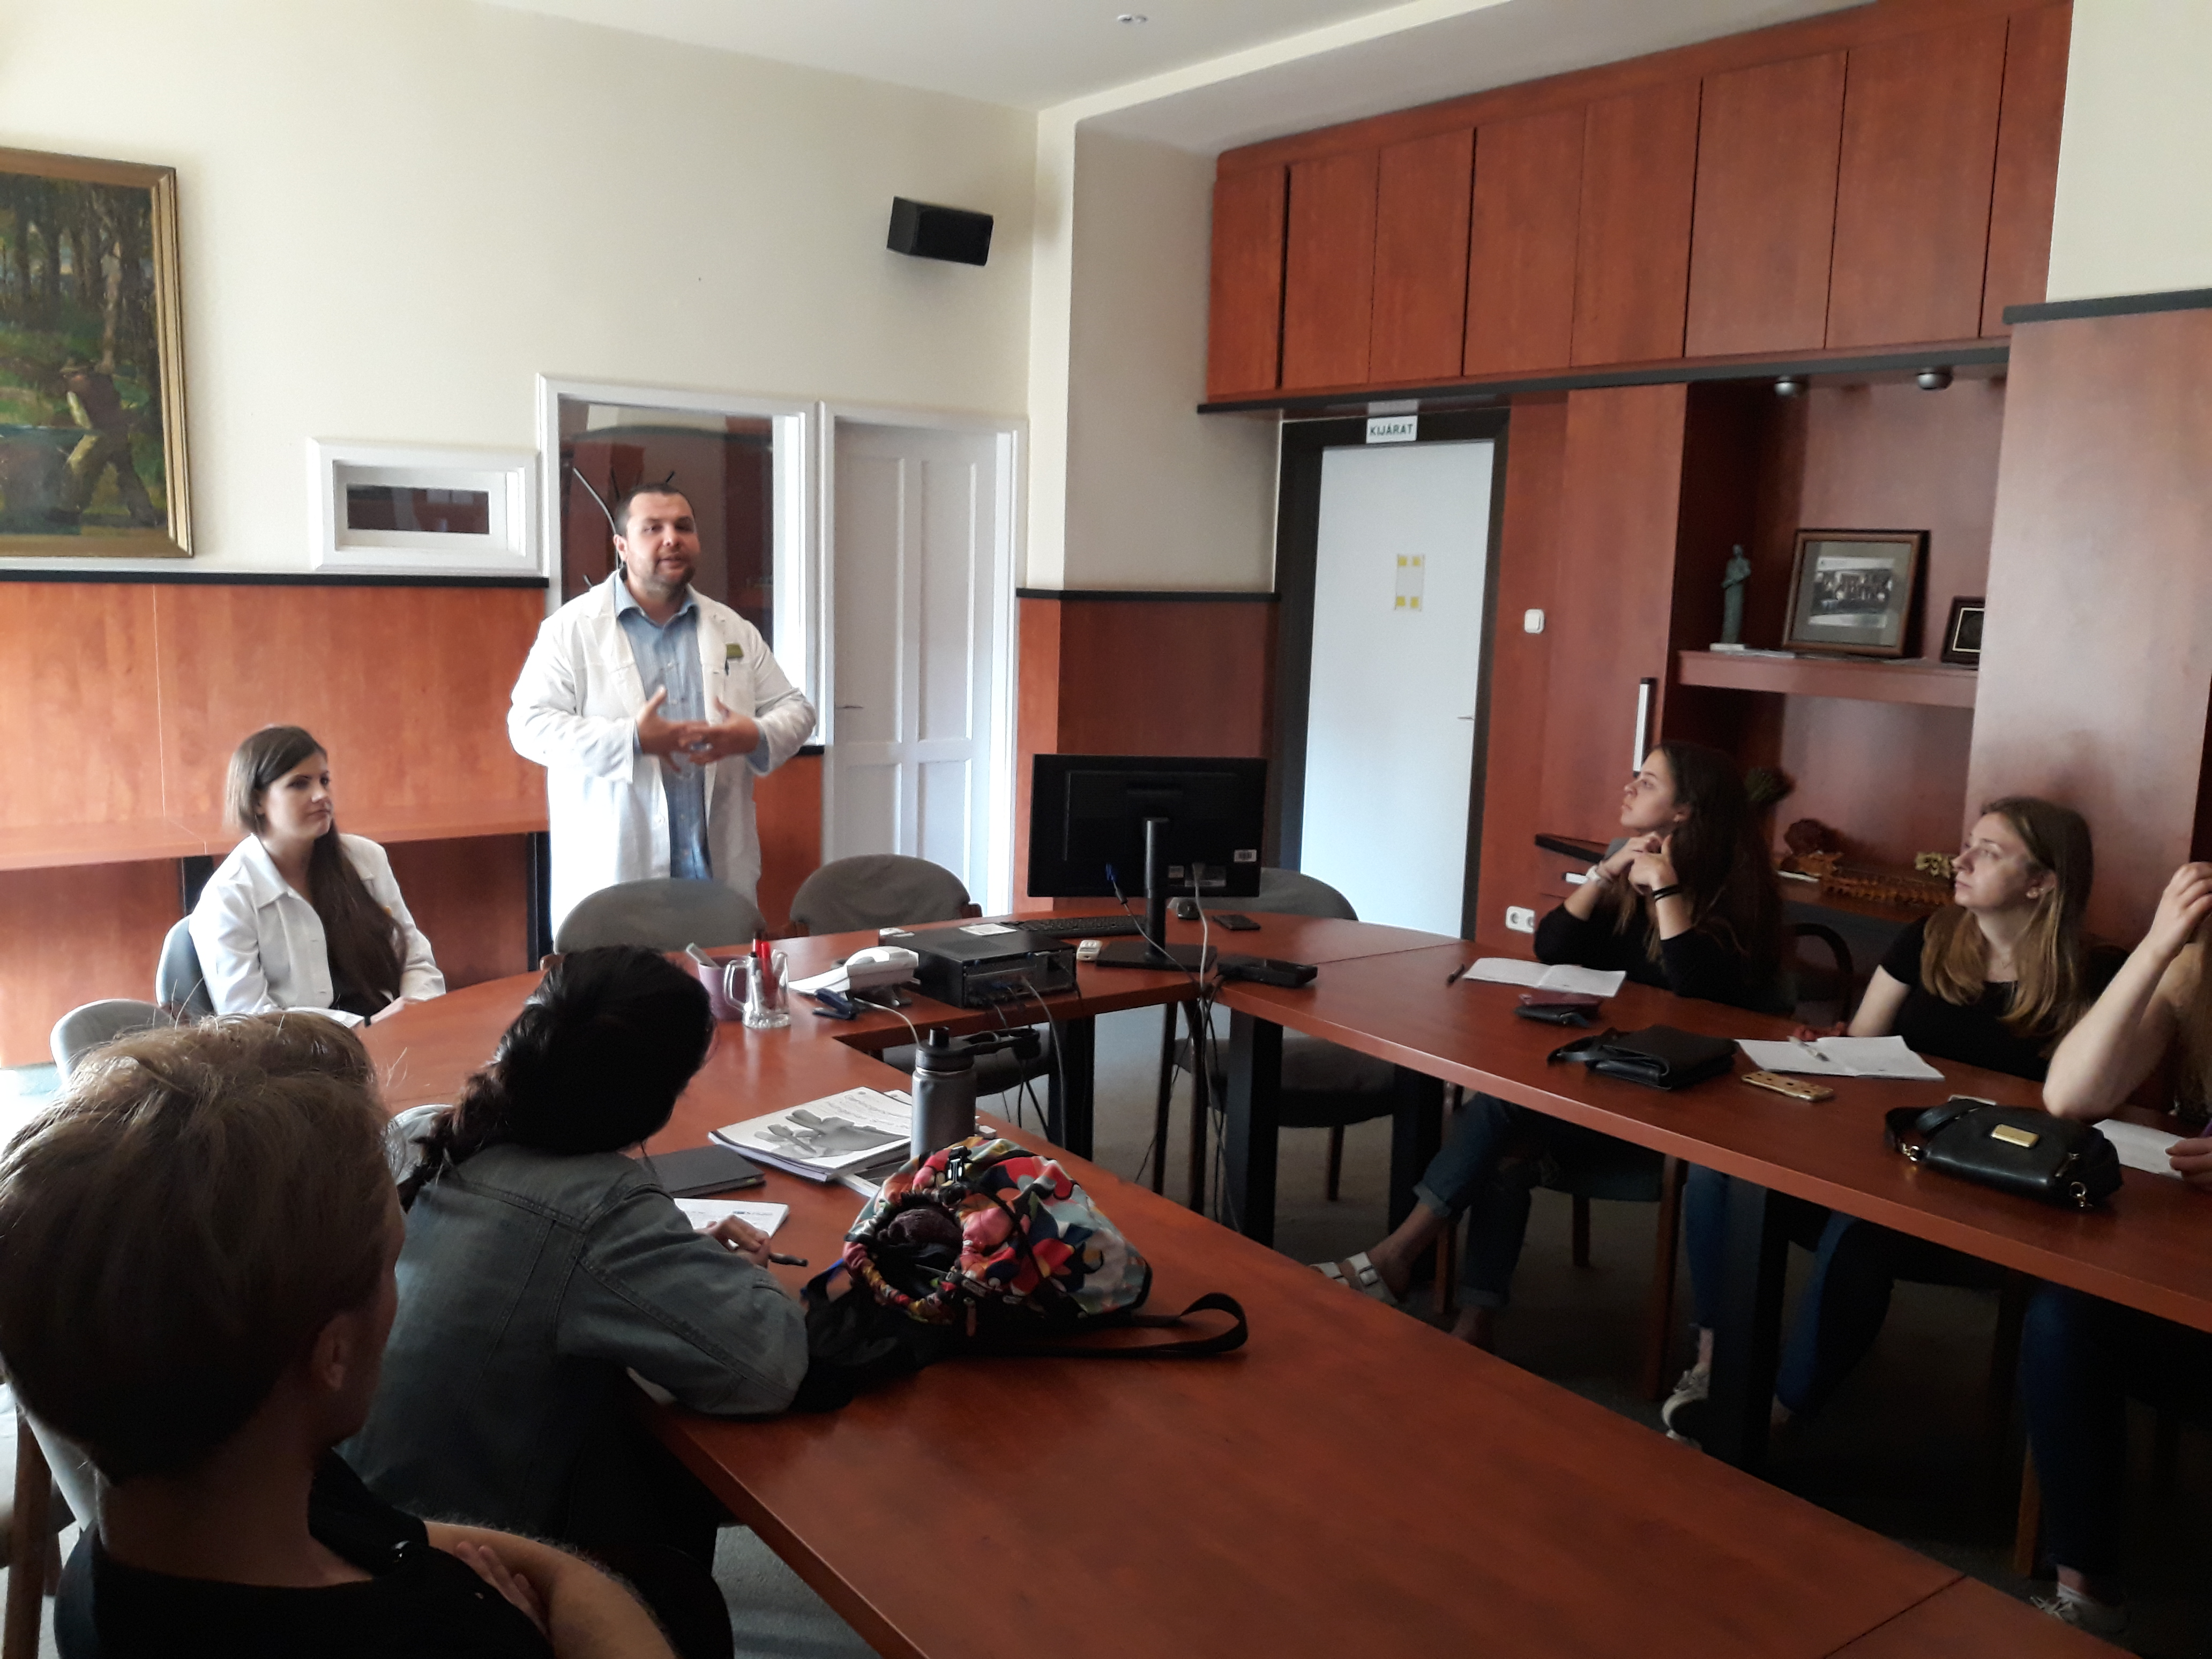 Amerikai egyetemisták Bolczár Szabolcs előadásán.